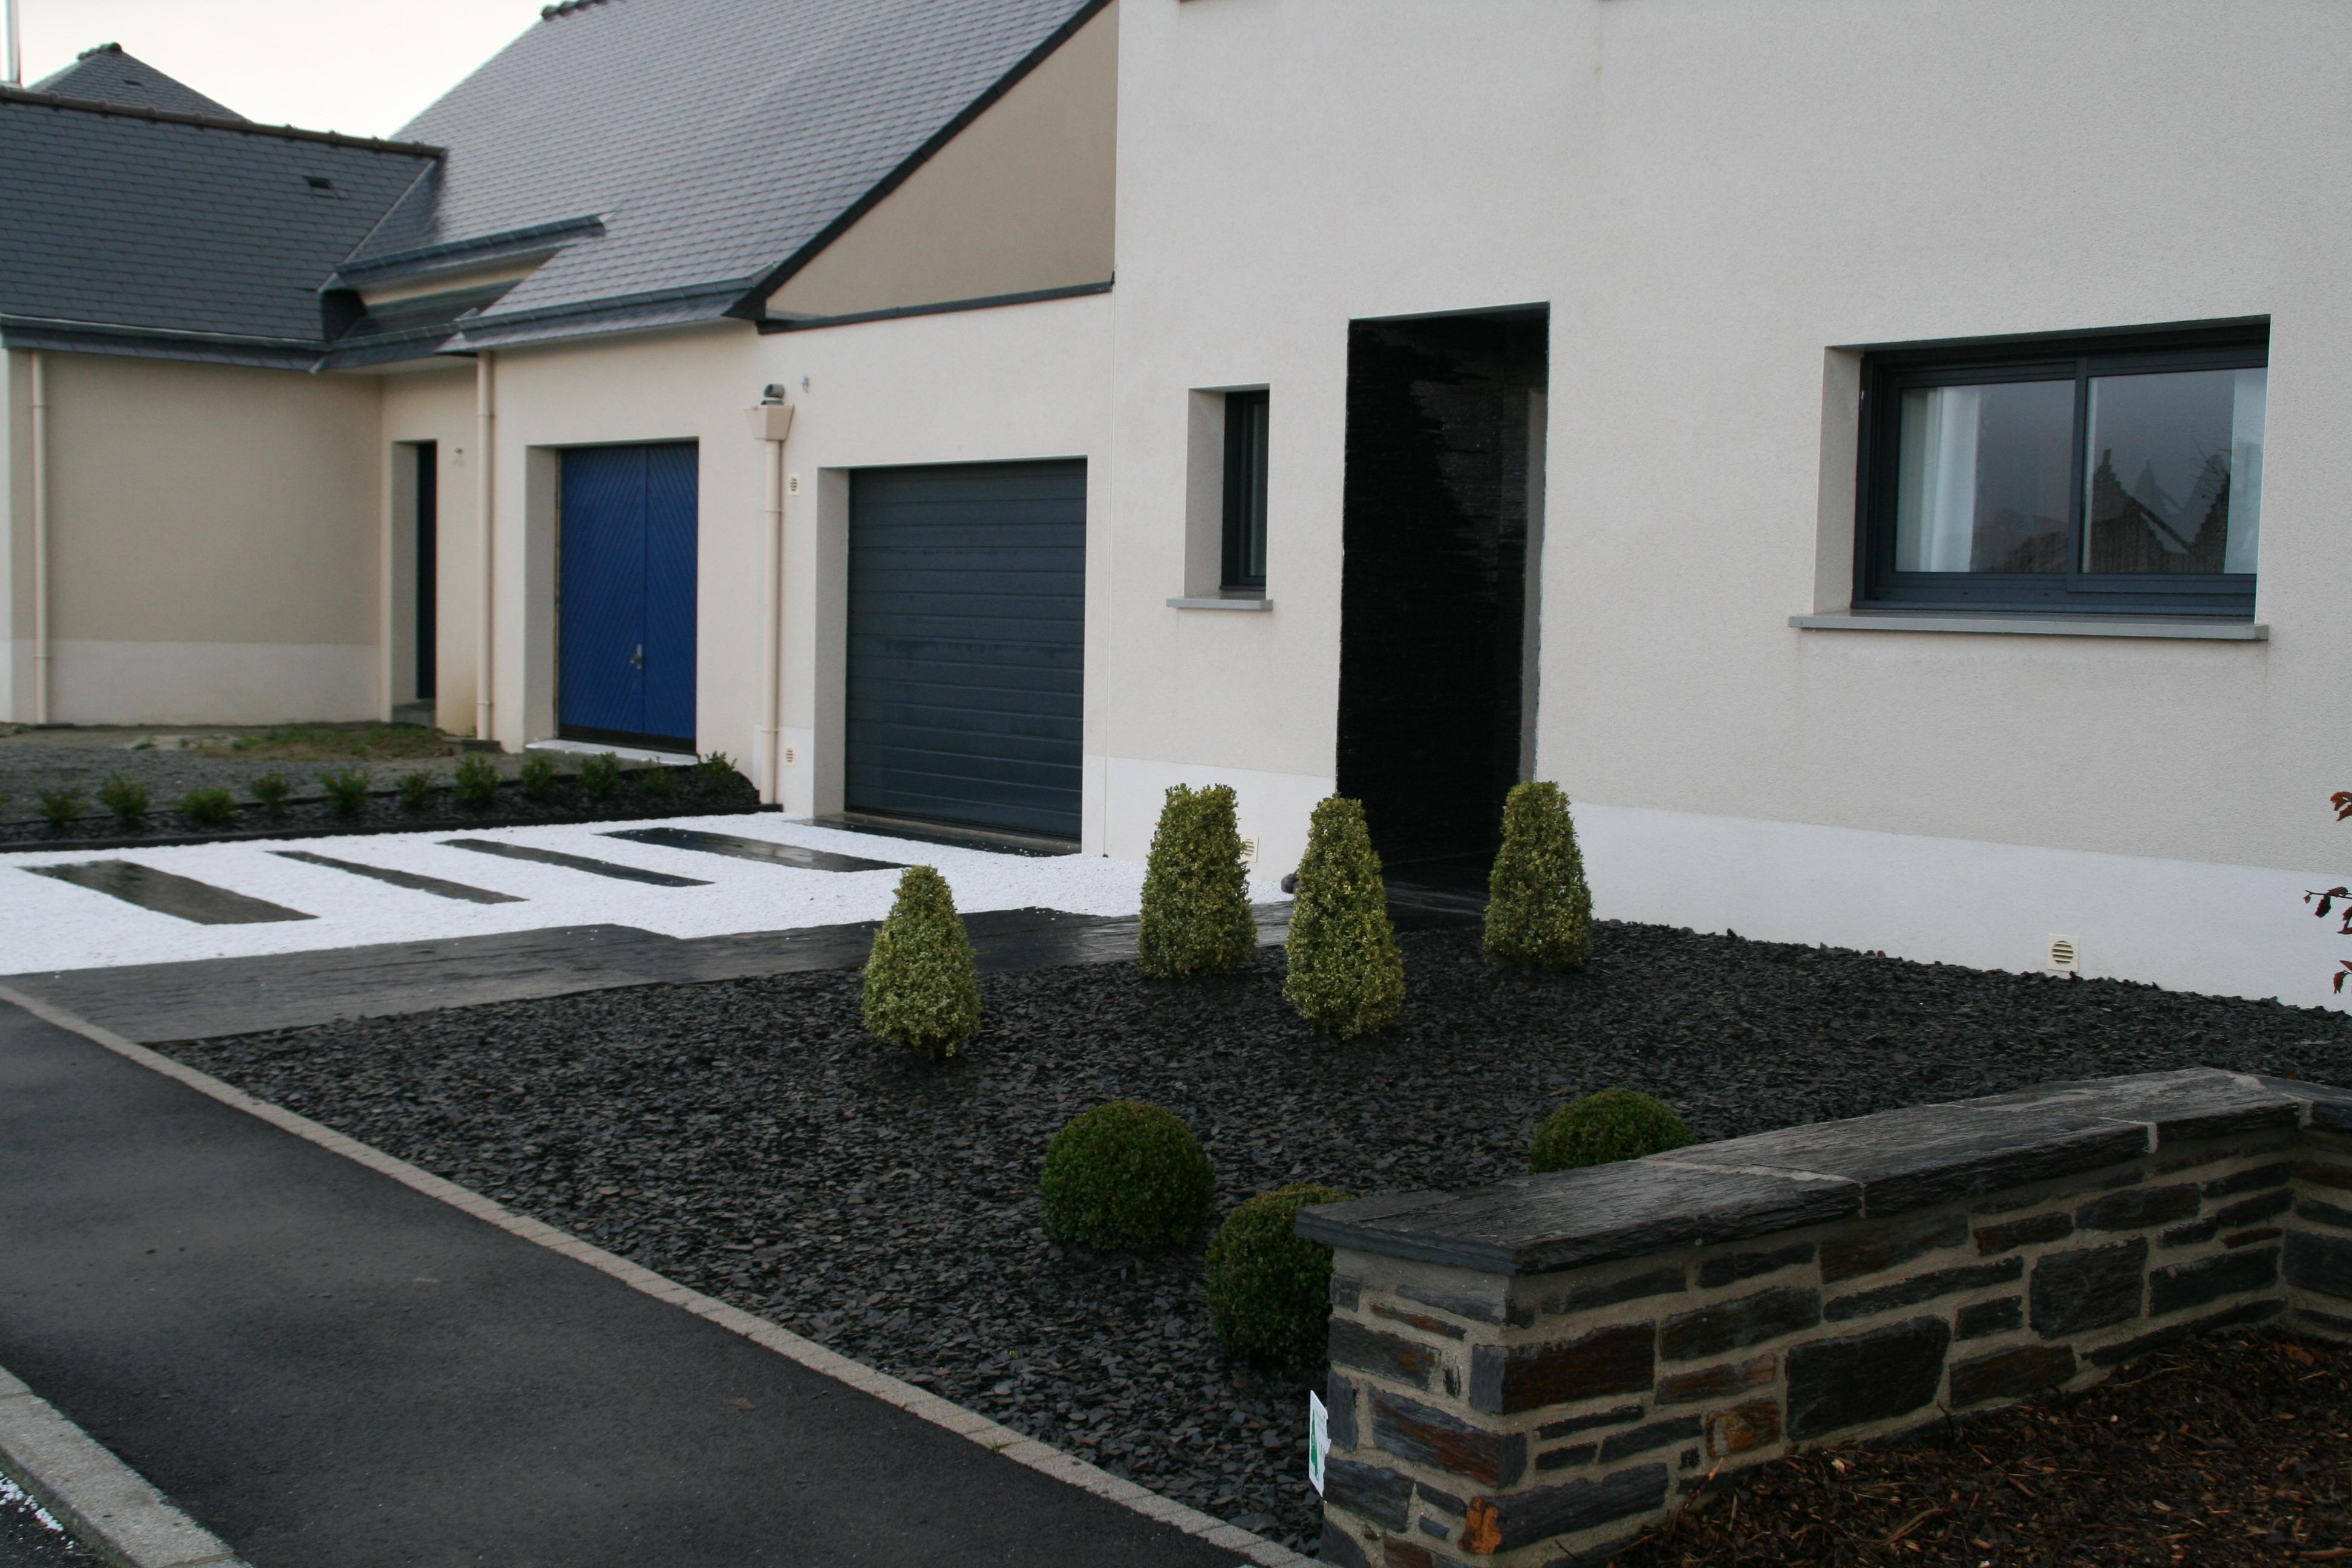 Terrasse gravier ardoise nos conseils - Deco de terrasse exterieur ...